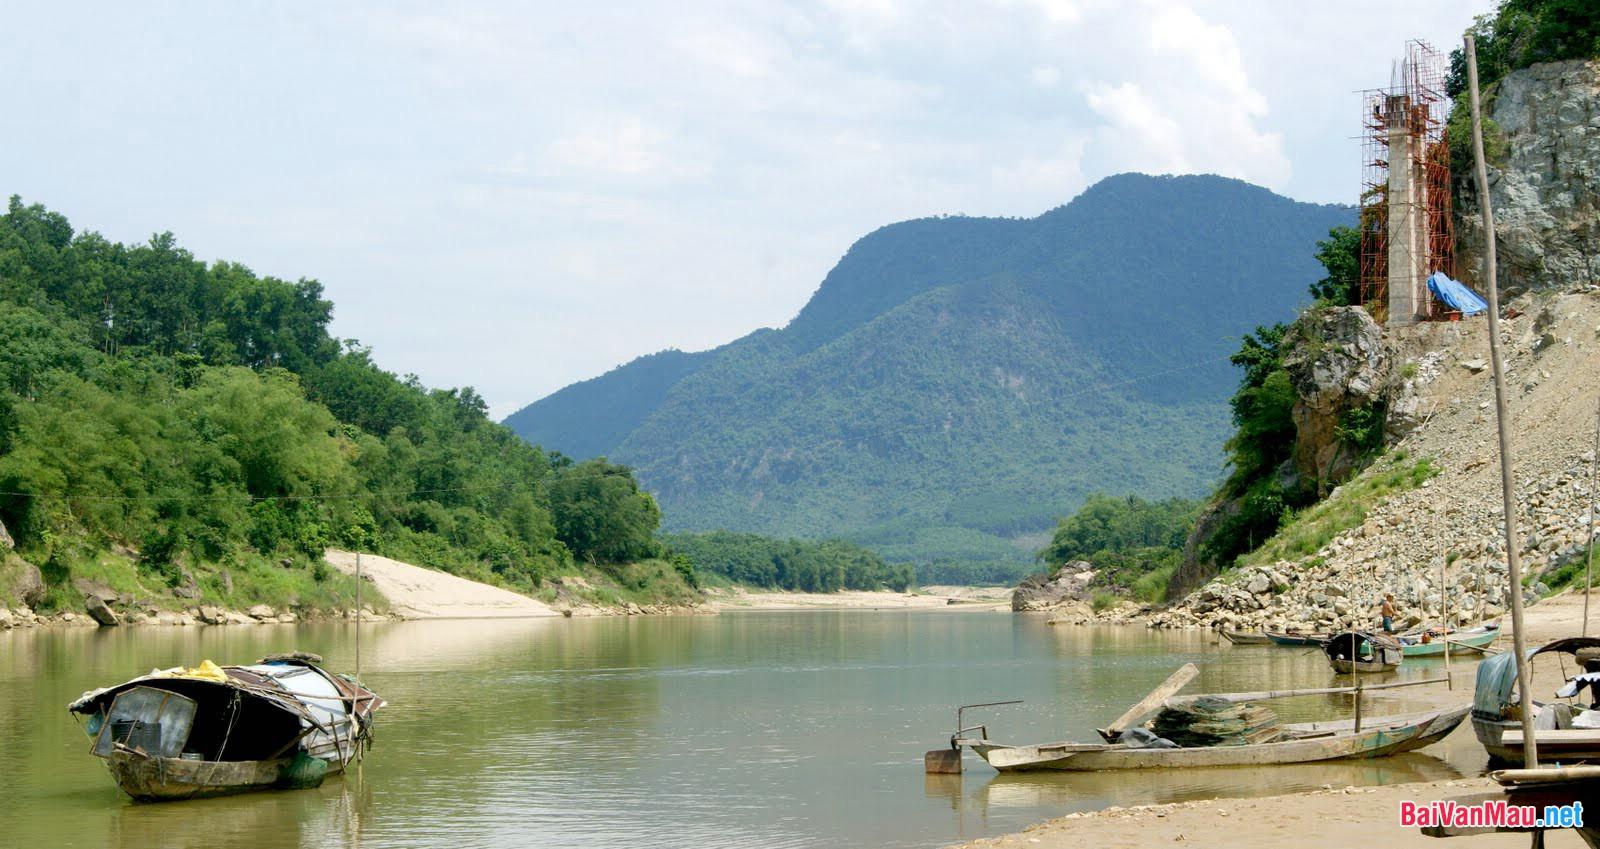 Anh (chị) tâm đắc nhất đoạn văn nào trong bài bút kí Ai đã đặt tên cho dòng sông? Hãy phân tích đoạn văn đó, nêu rõ vì sao mình tâm đắc nhất